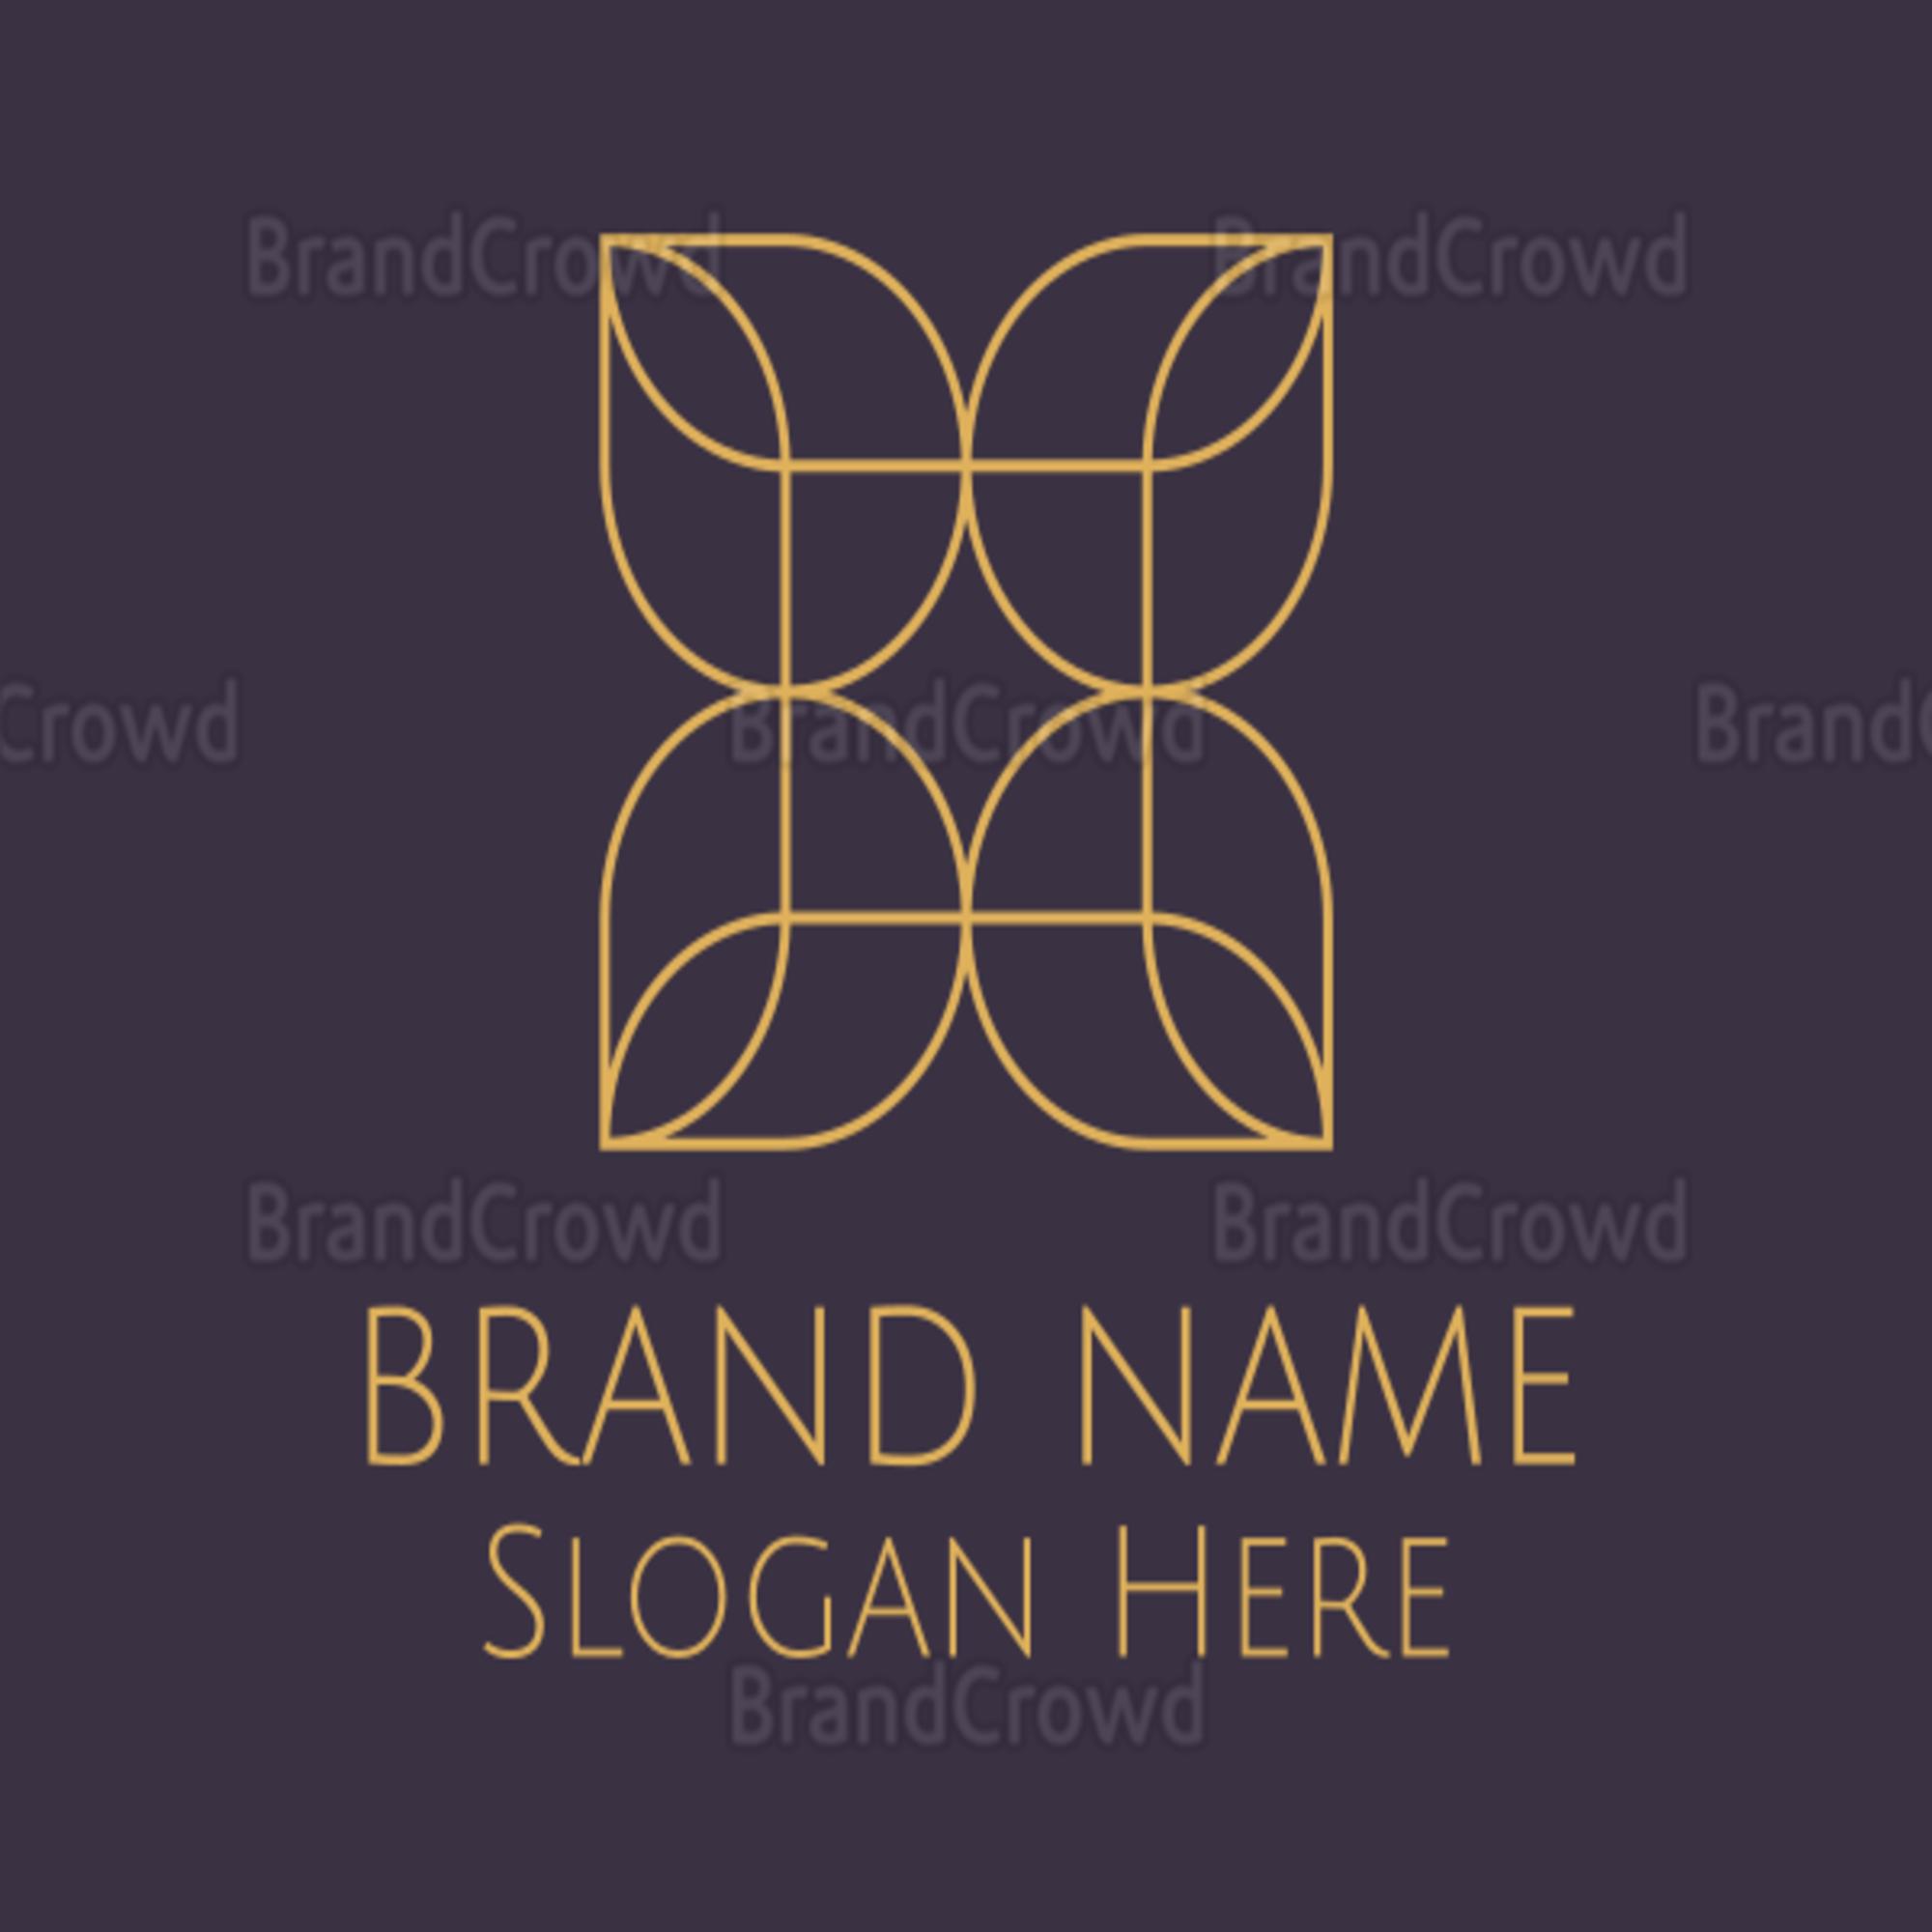 I will create awsome custom logo design,boutique logo designs for your precious brands.